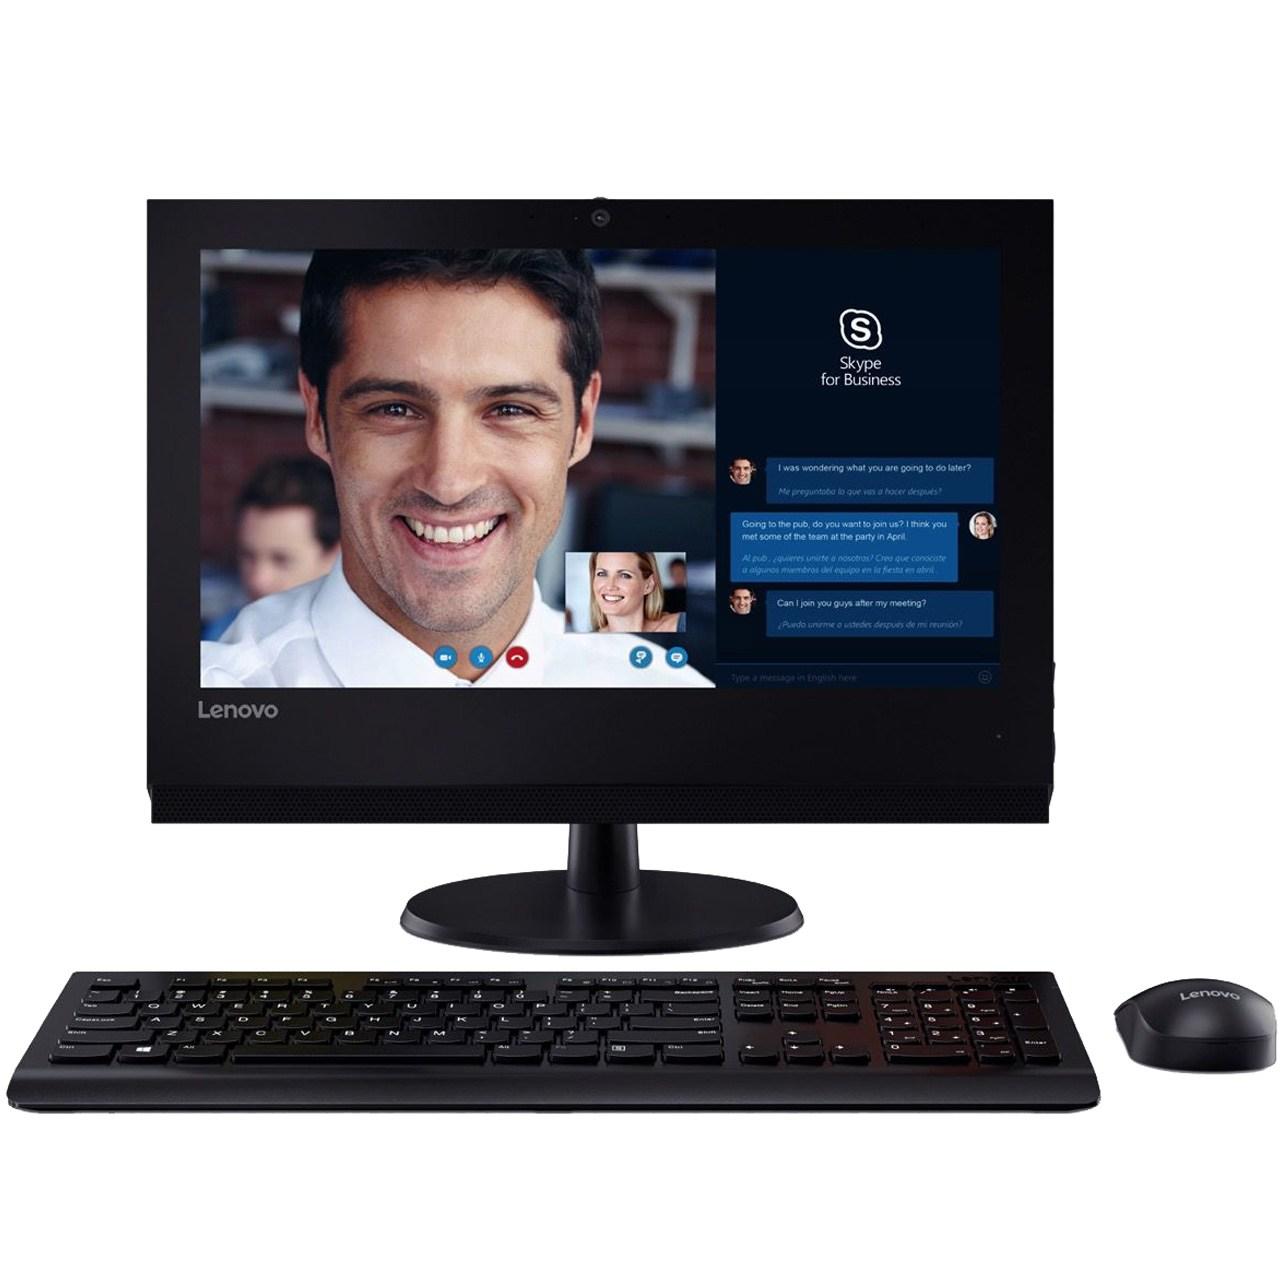 کامپیوتر همه کاره 19.5 اینچی لنوو مدل V310z - A | Lenovo V310z - A - 19.5 inch All-in-One PC